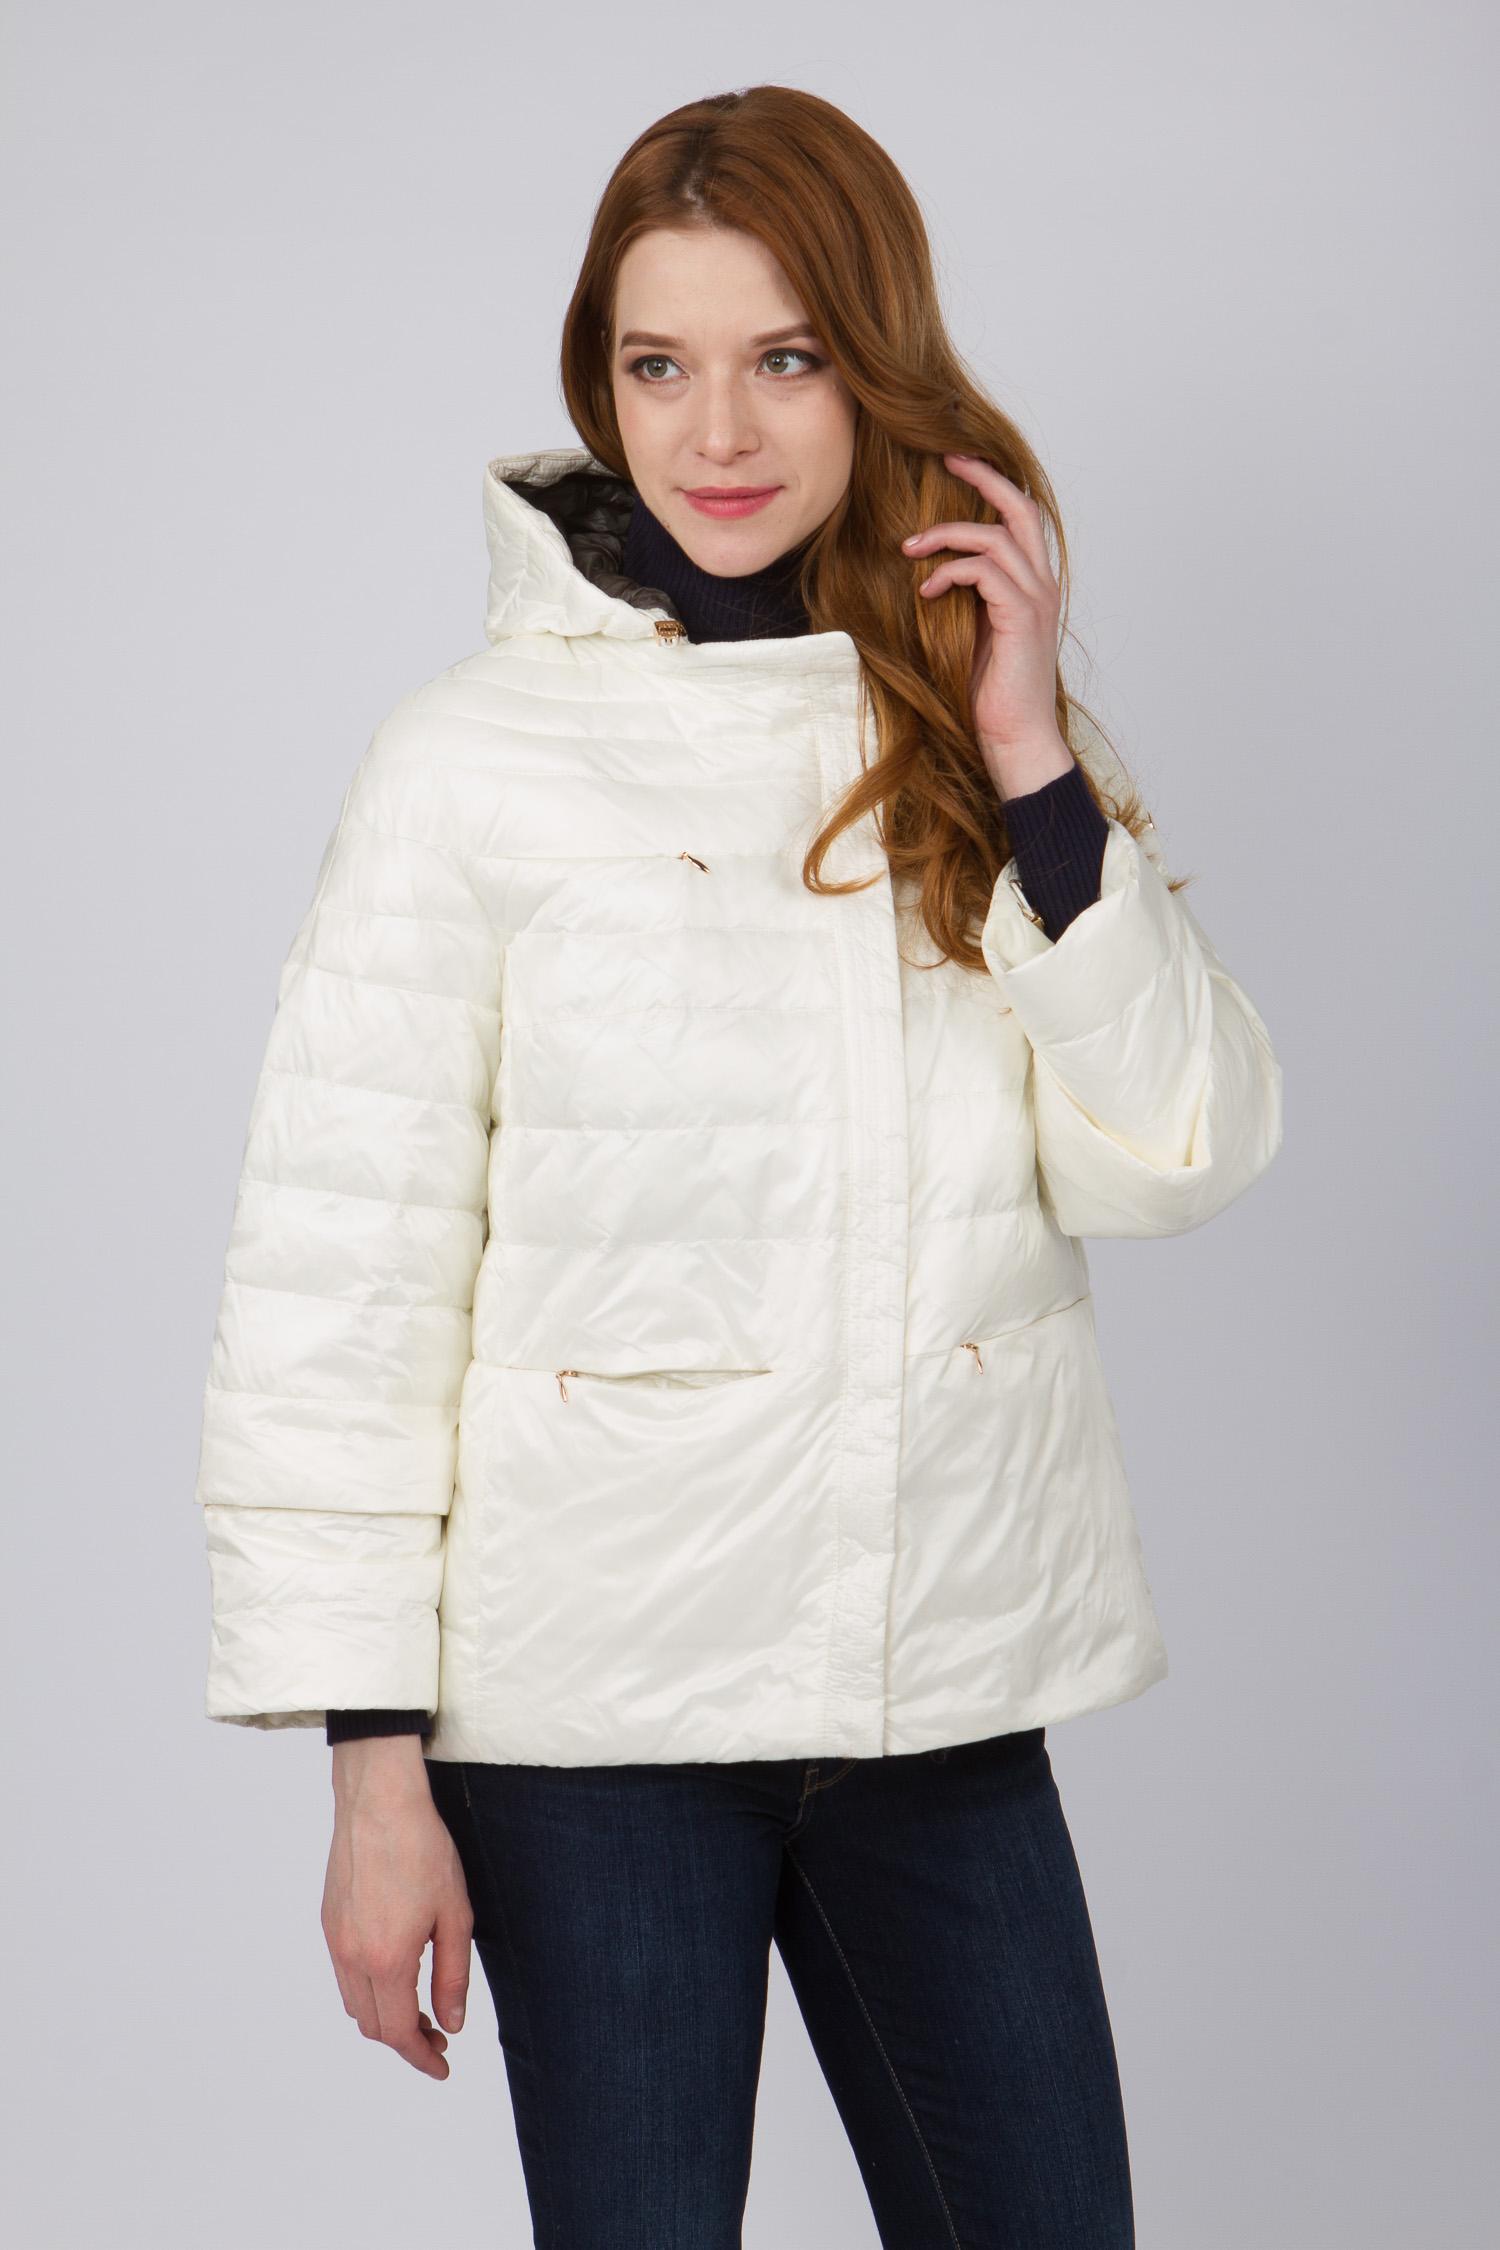 Куртка женская из текстиля с капюшоном, без отделки<br><br>Воротник: съемный капюшон<br>Длина см: Короткая (51-74 )<br>Материал: Текстиль<br>Цвет: молочный<br>Вид застежки: потайная<br>Застежка: на молнии<br>Пол: Женский<br>Размер RU: 52